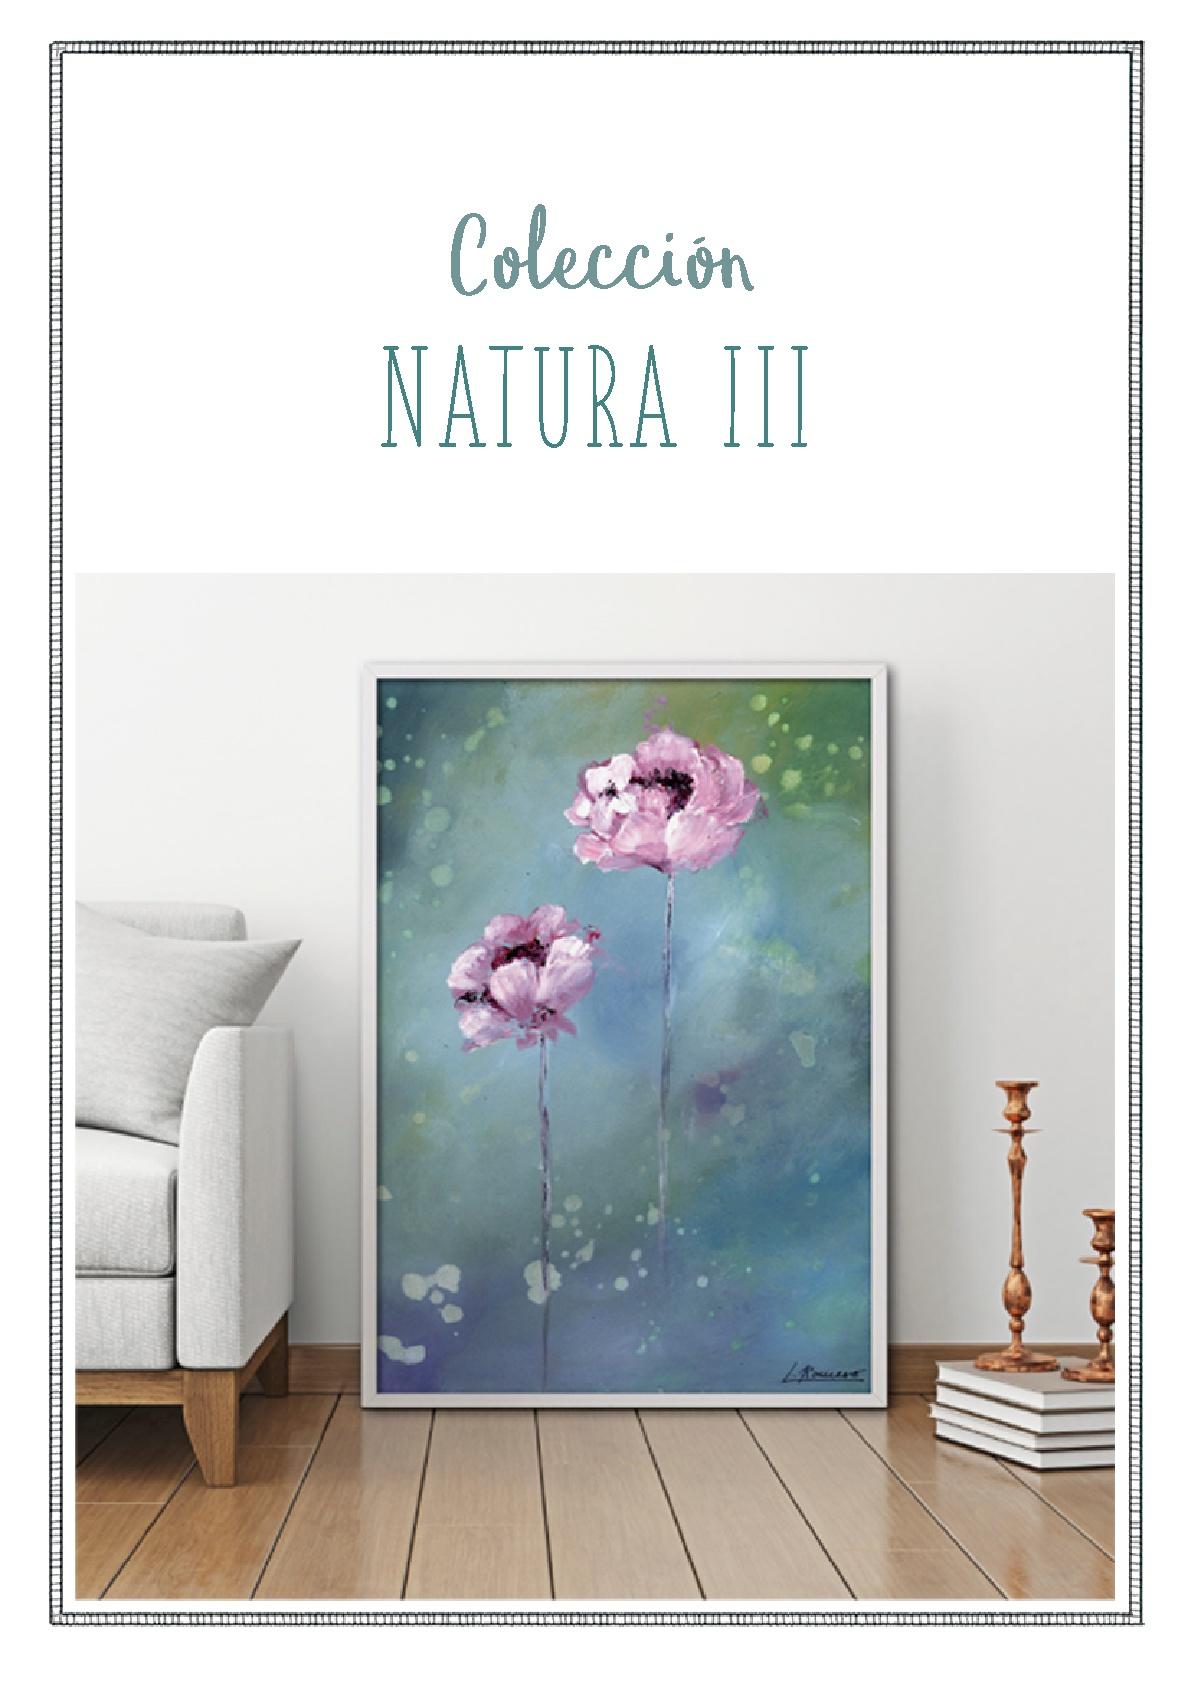 NATURA III 001 - Natura III